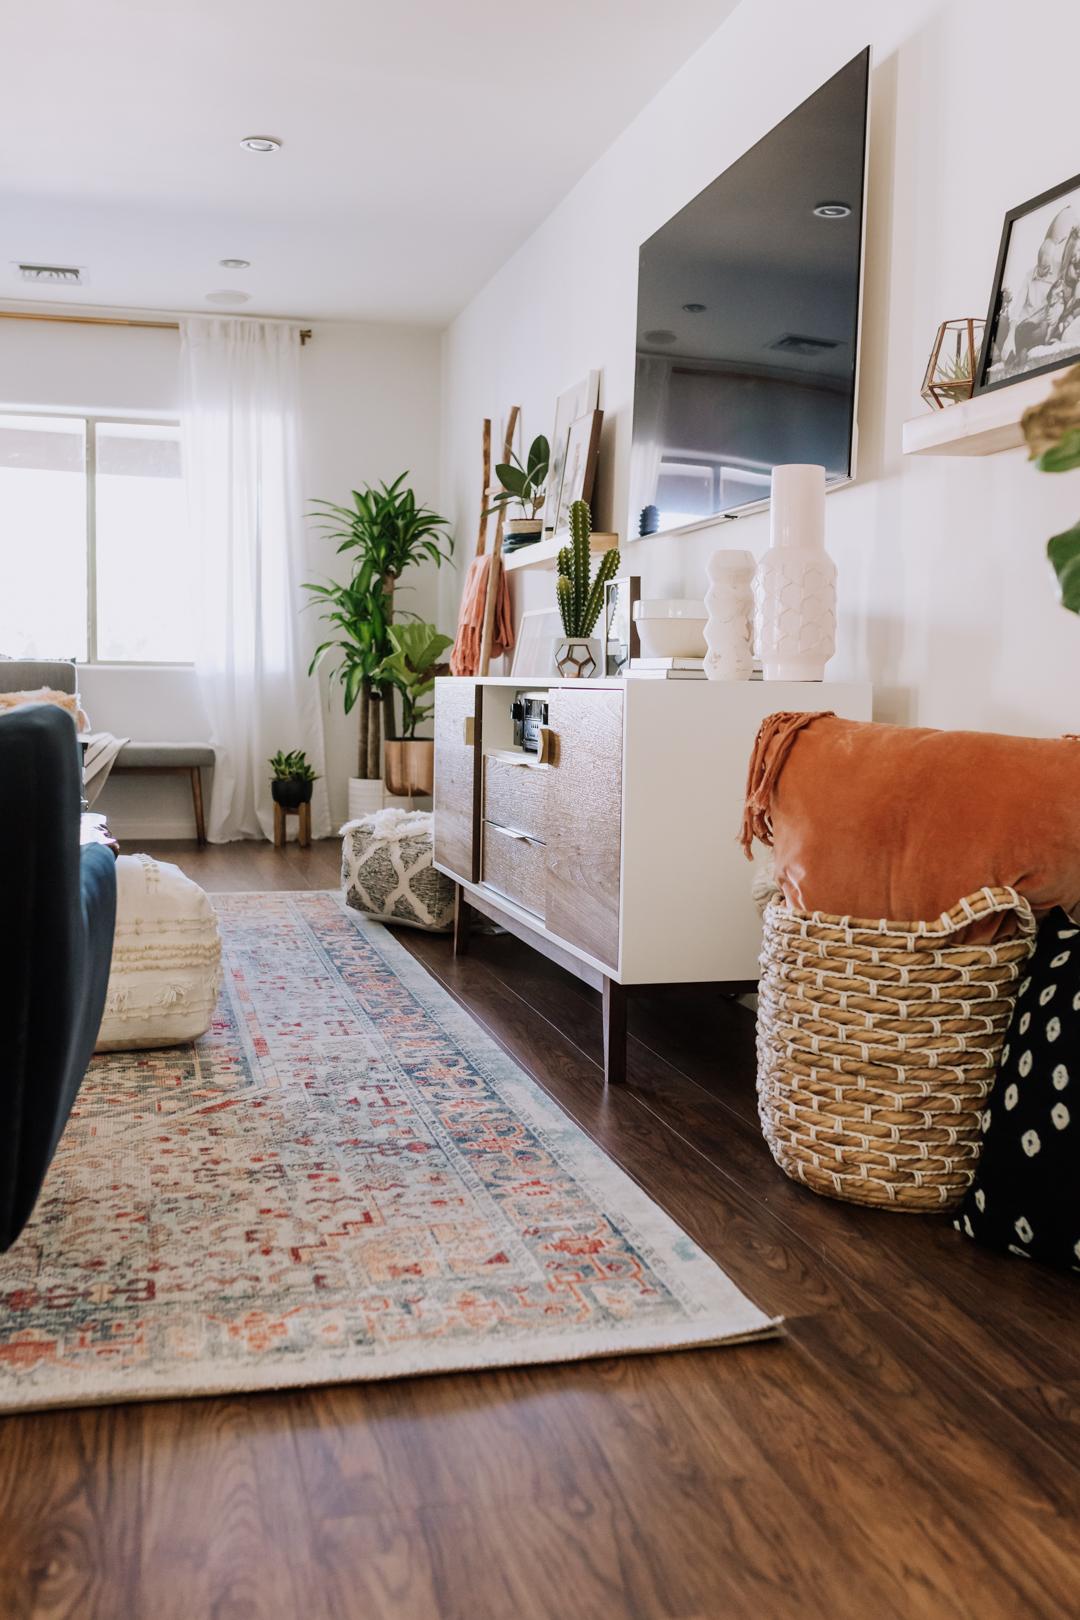 pretty living room update in mid century modern boho | thelovedesignedlife.com #midcenturymodern #boho #livingroom #homedecor #interiordesign